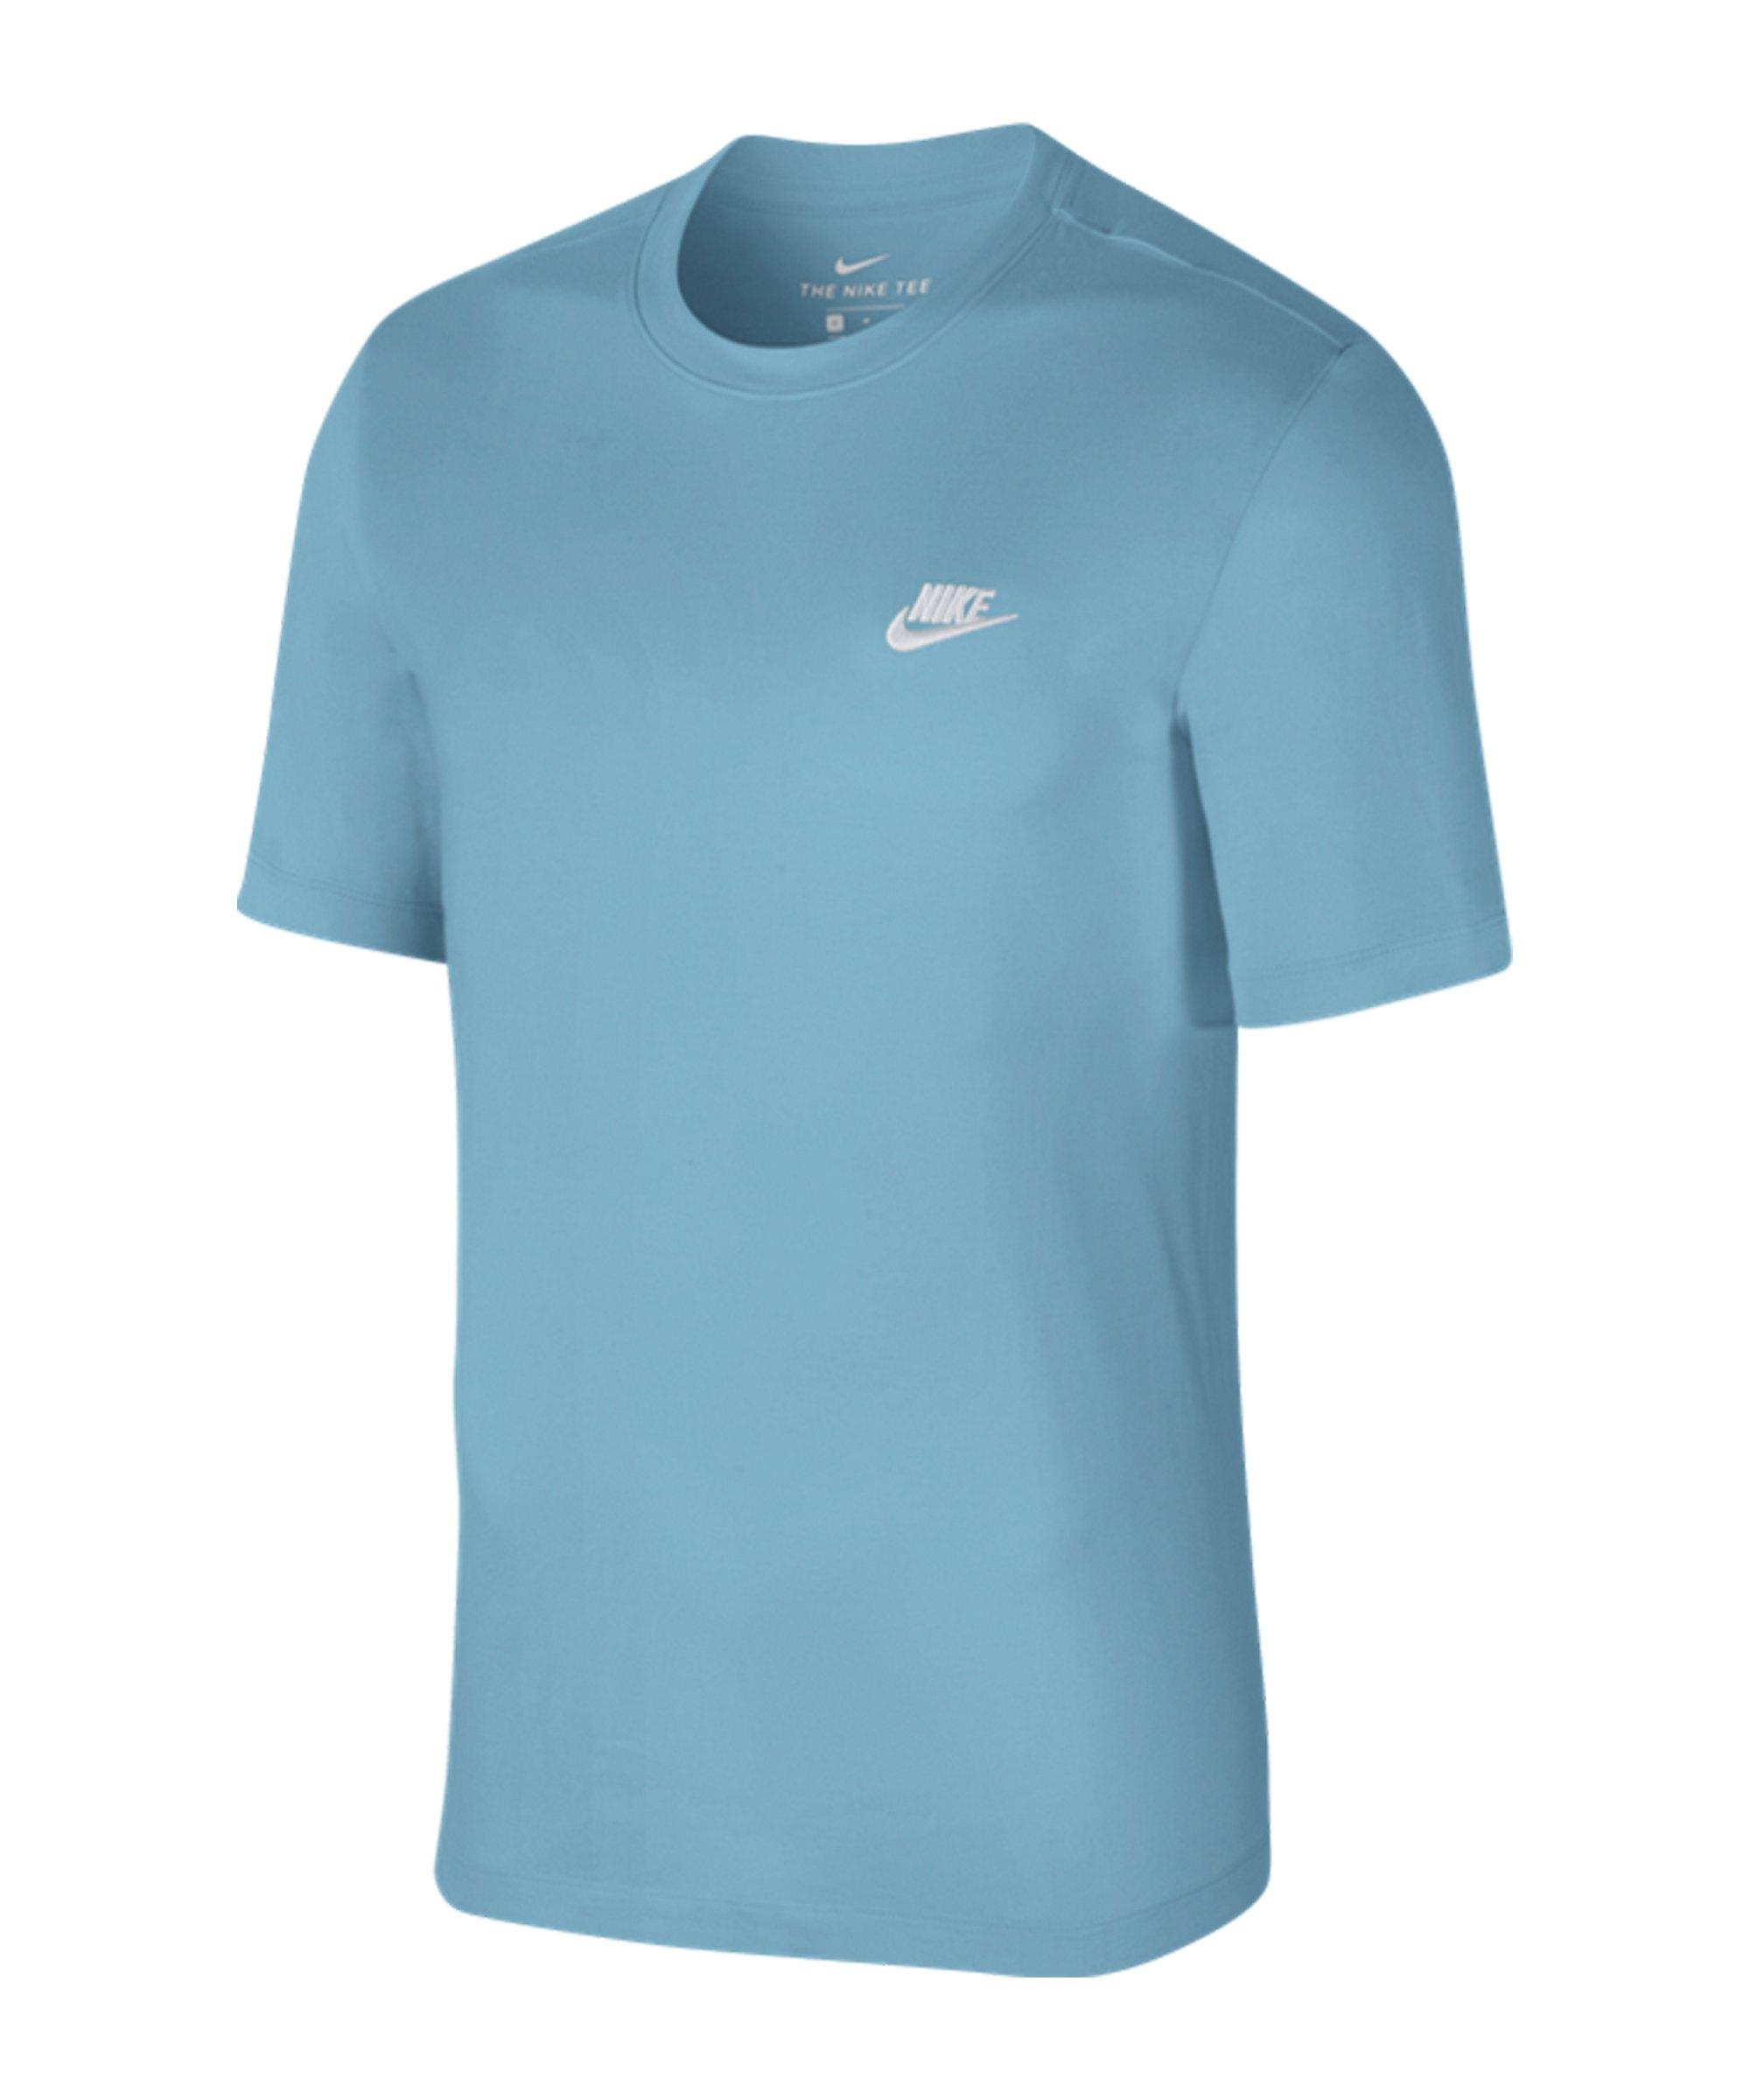 Nike Club Tee T-Shirt Blau F424 - blau